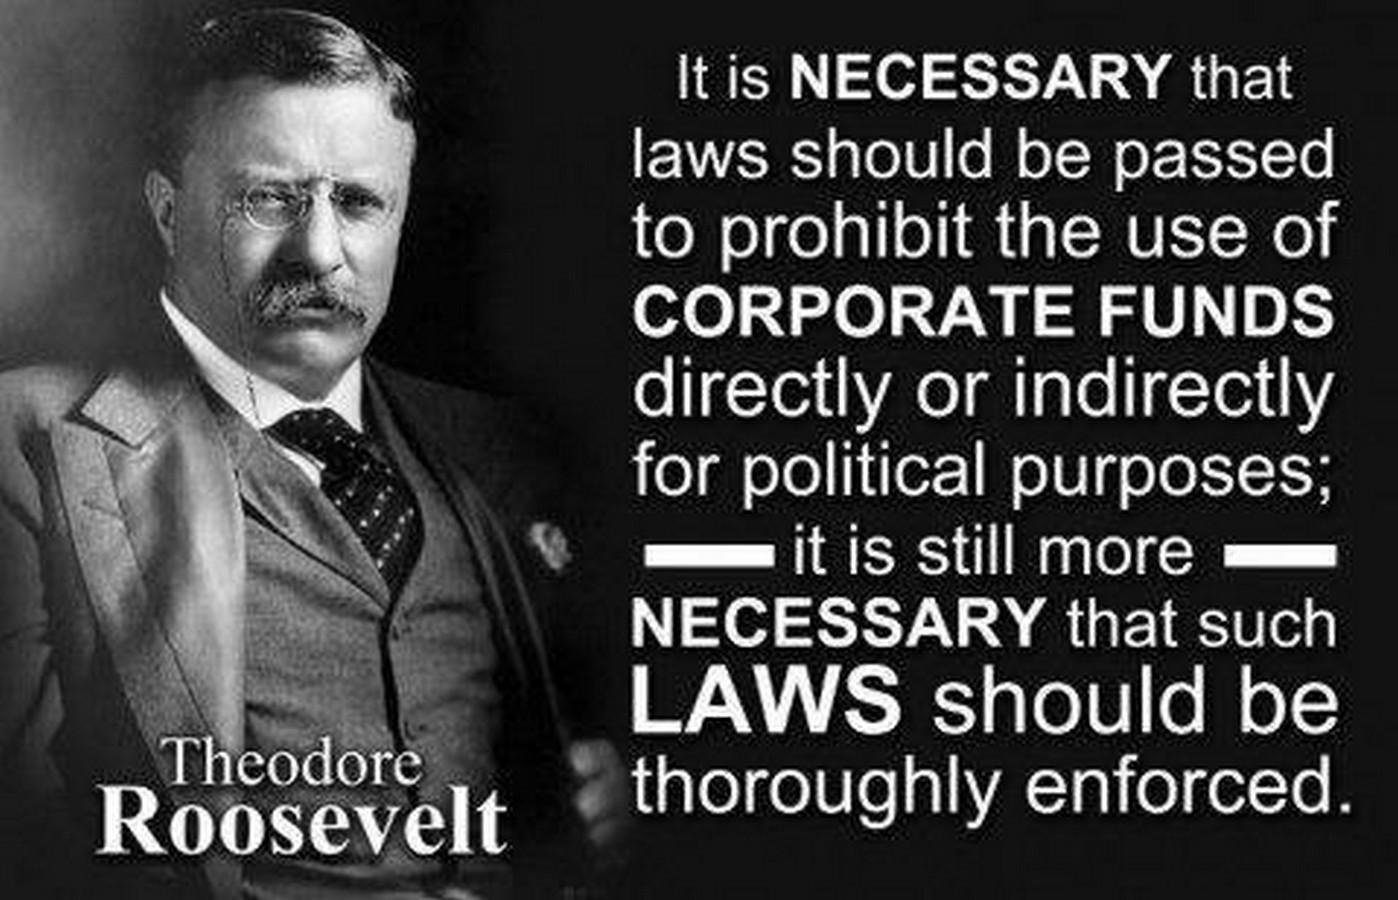 Theodore Roosevelt Quotes Acerbic Politics 2012